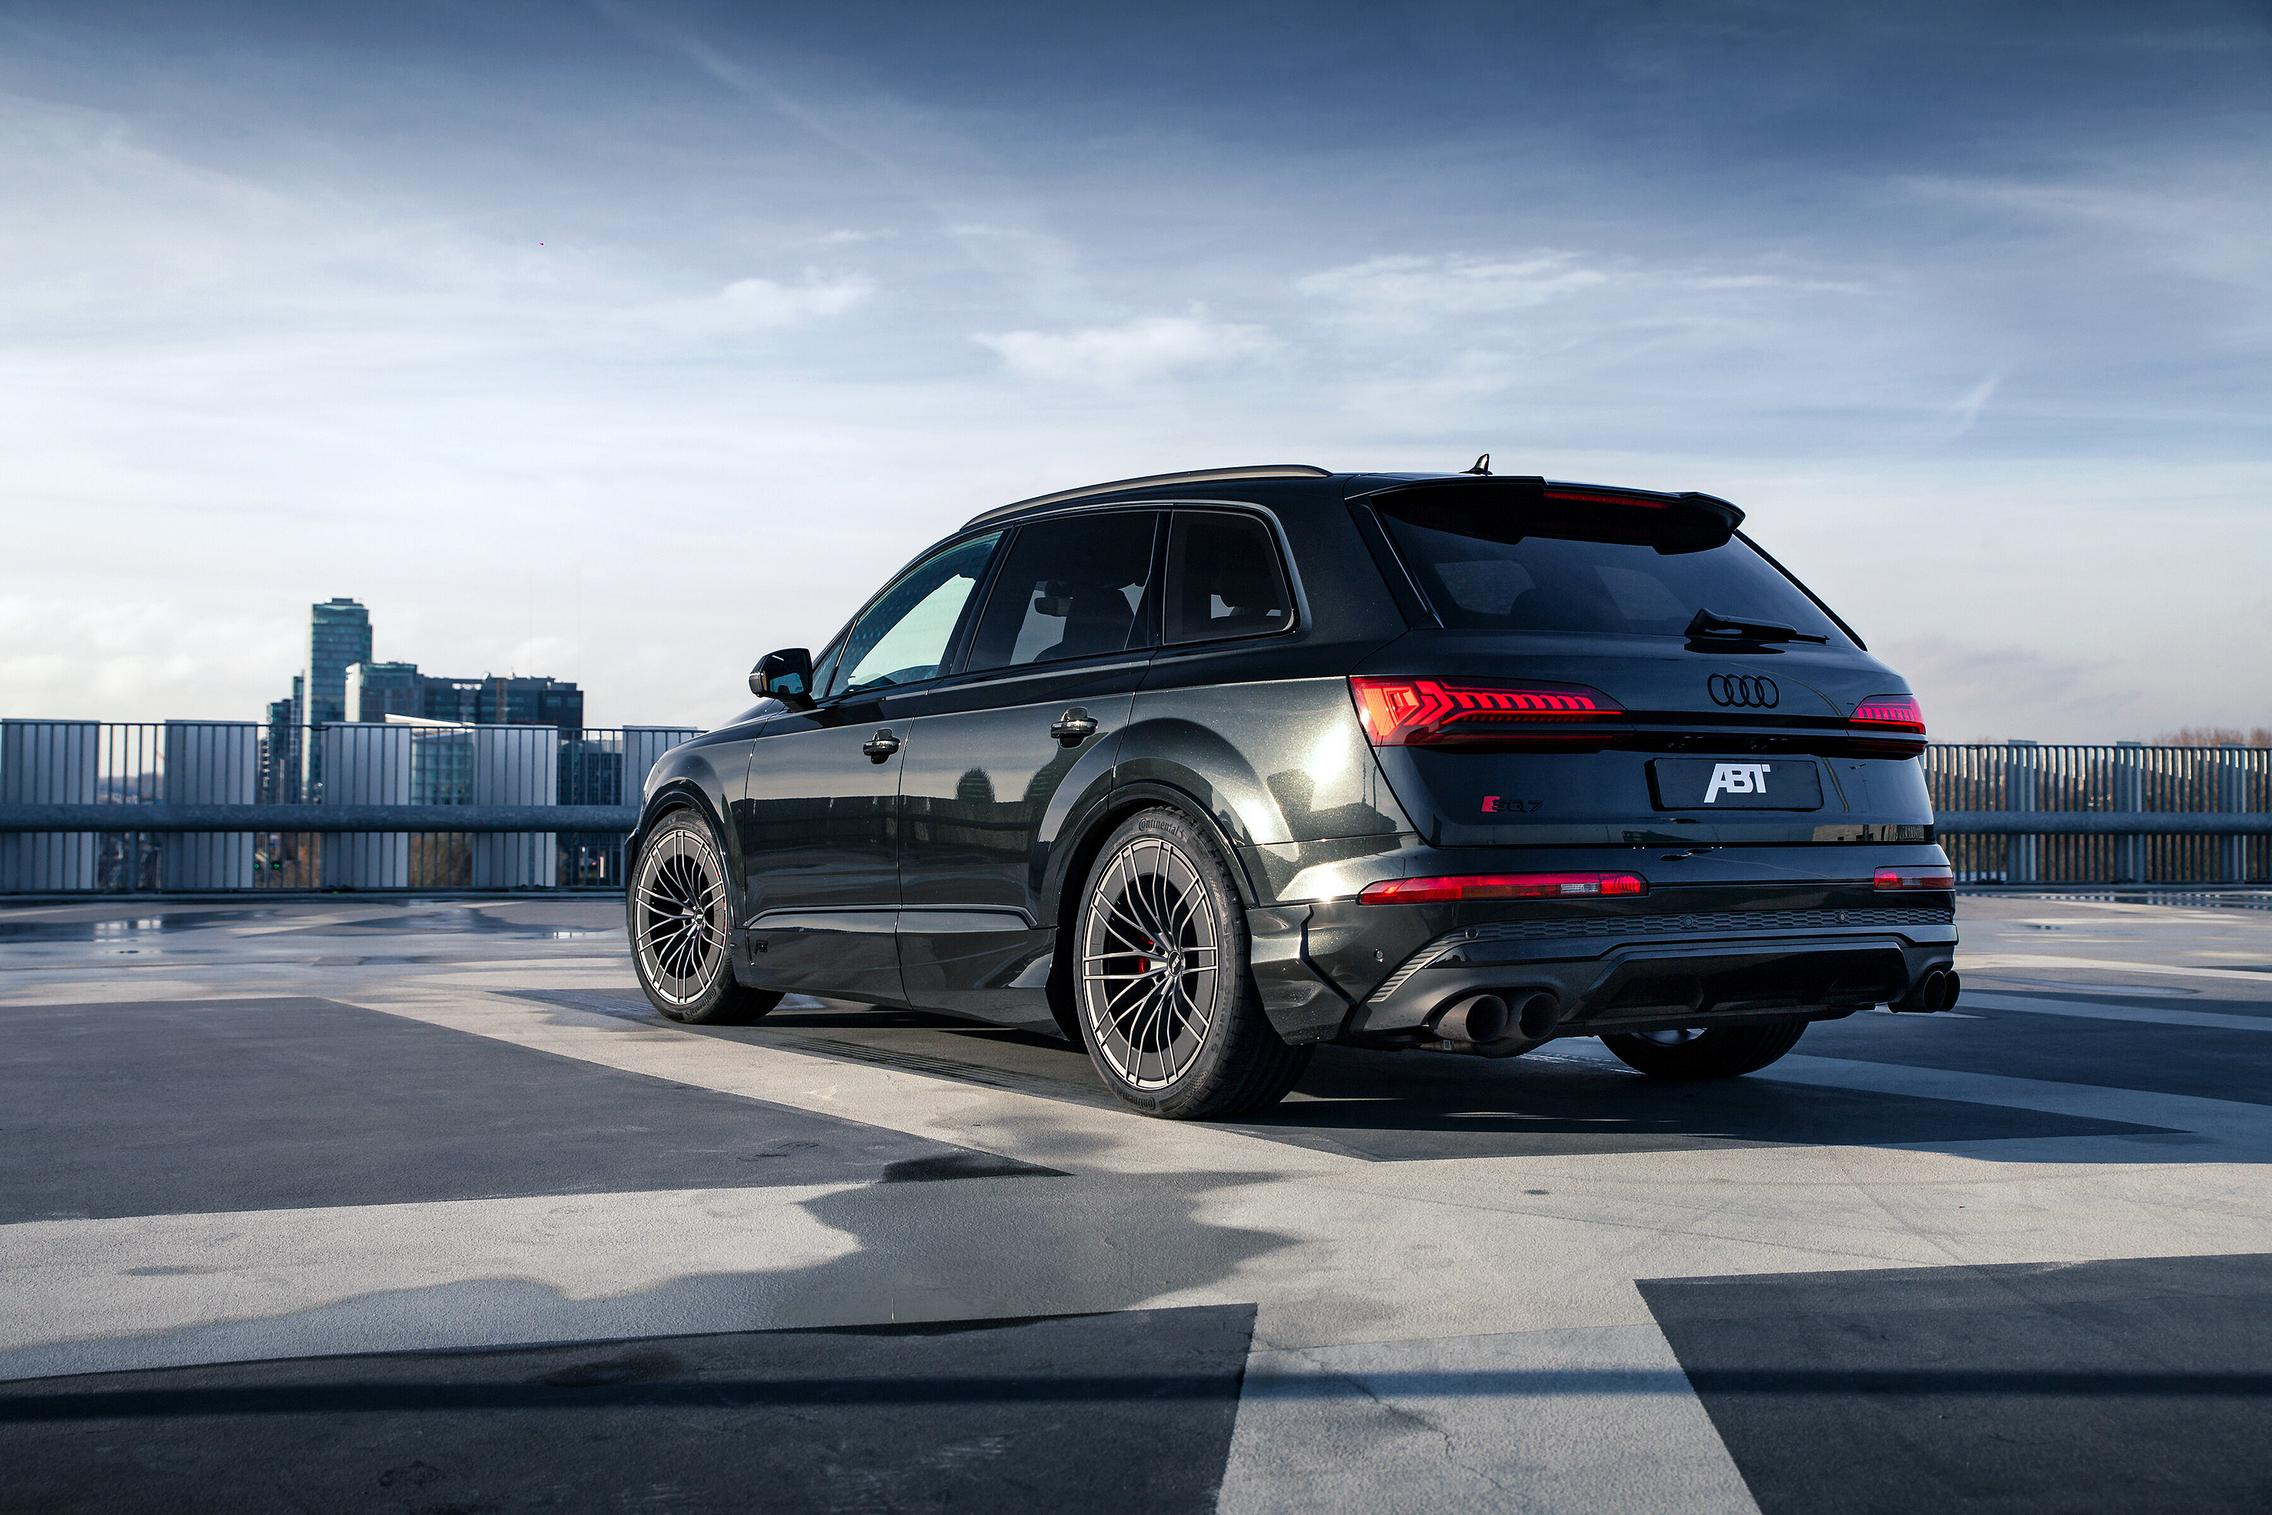 Black ABT Audi SQ7